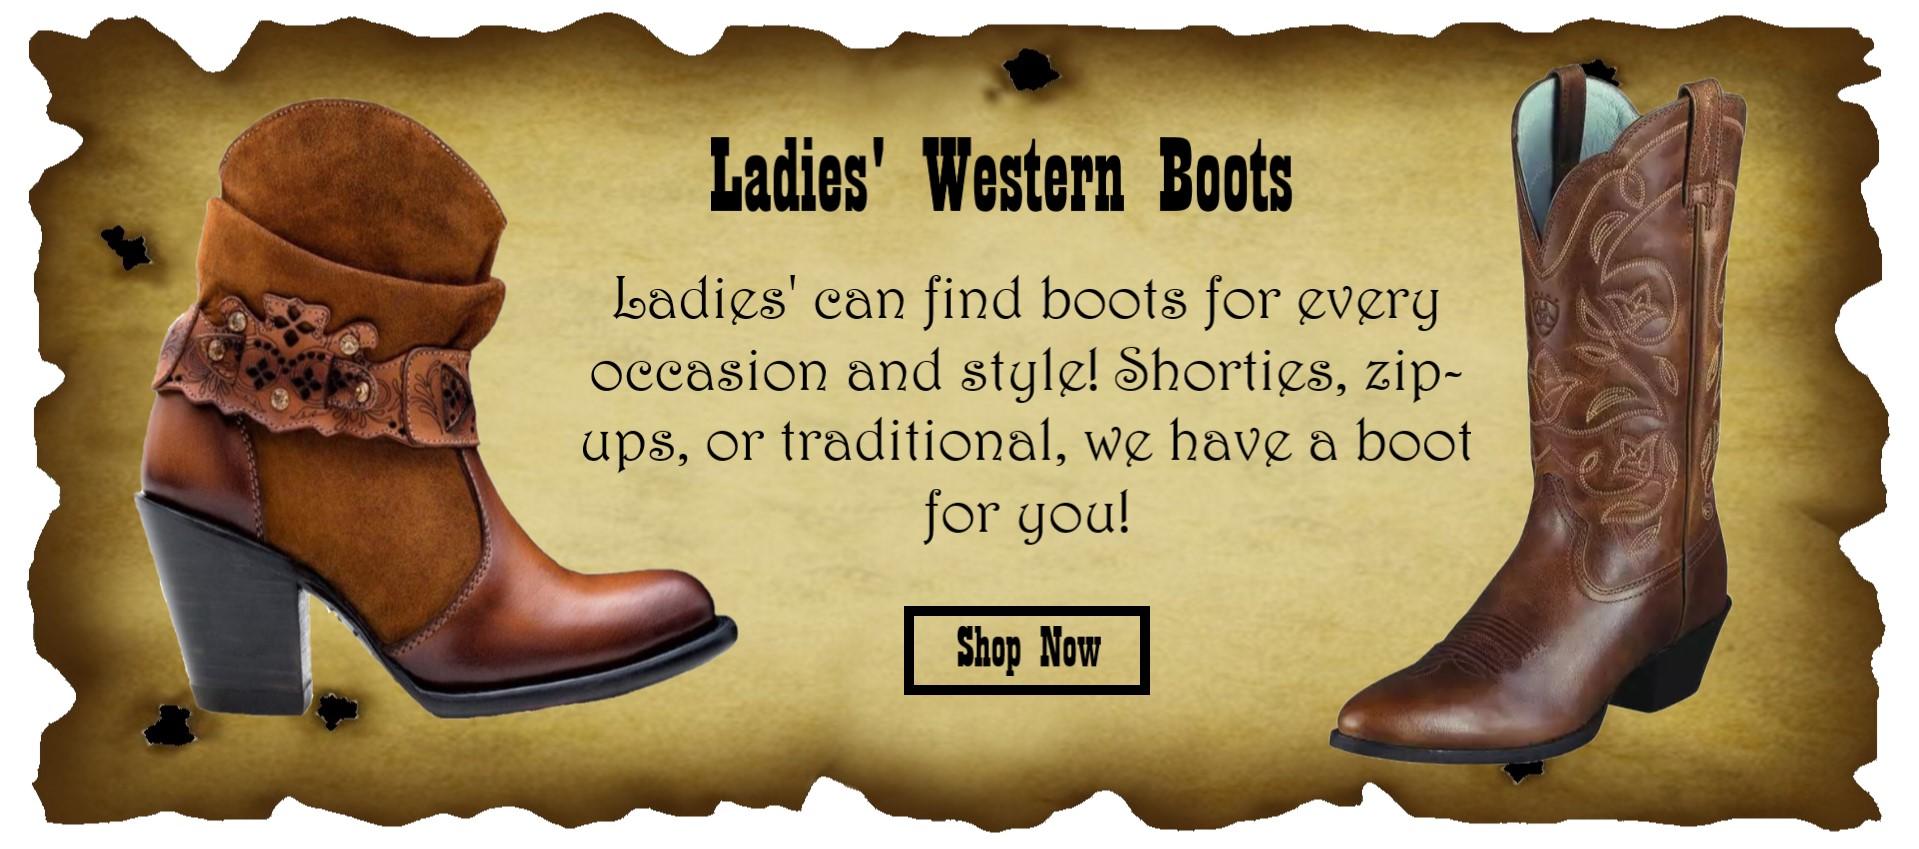 Ladies Western Boots Slider